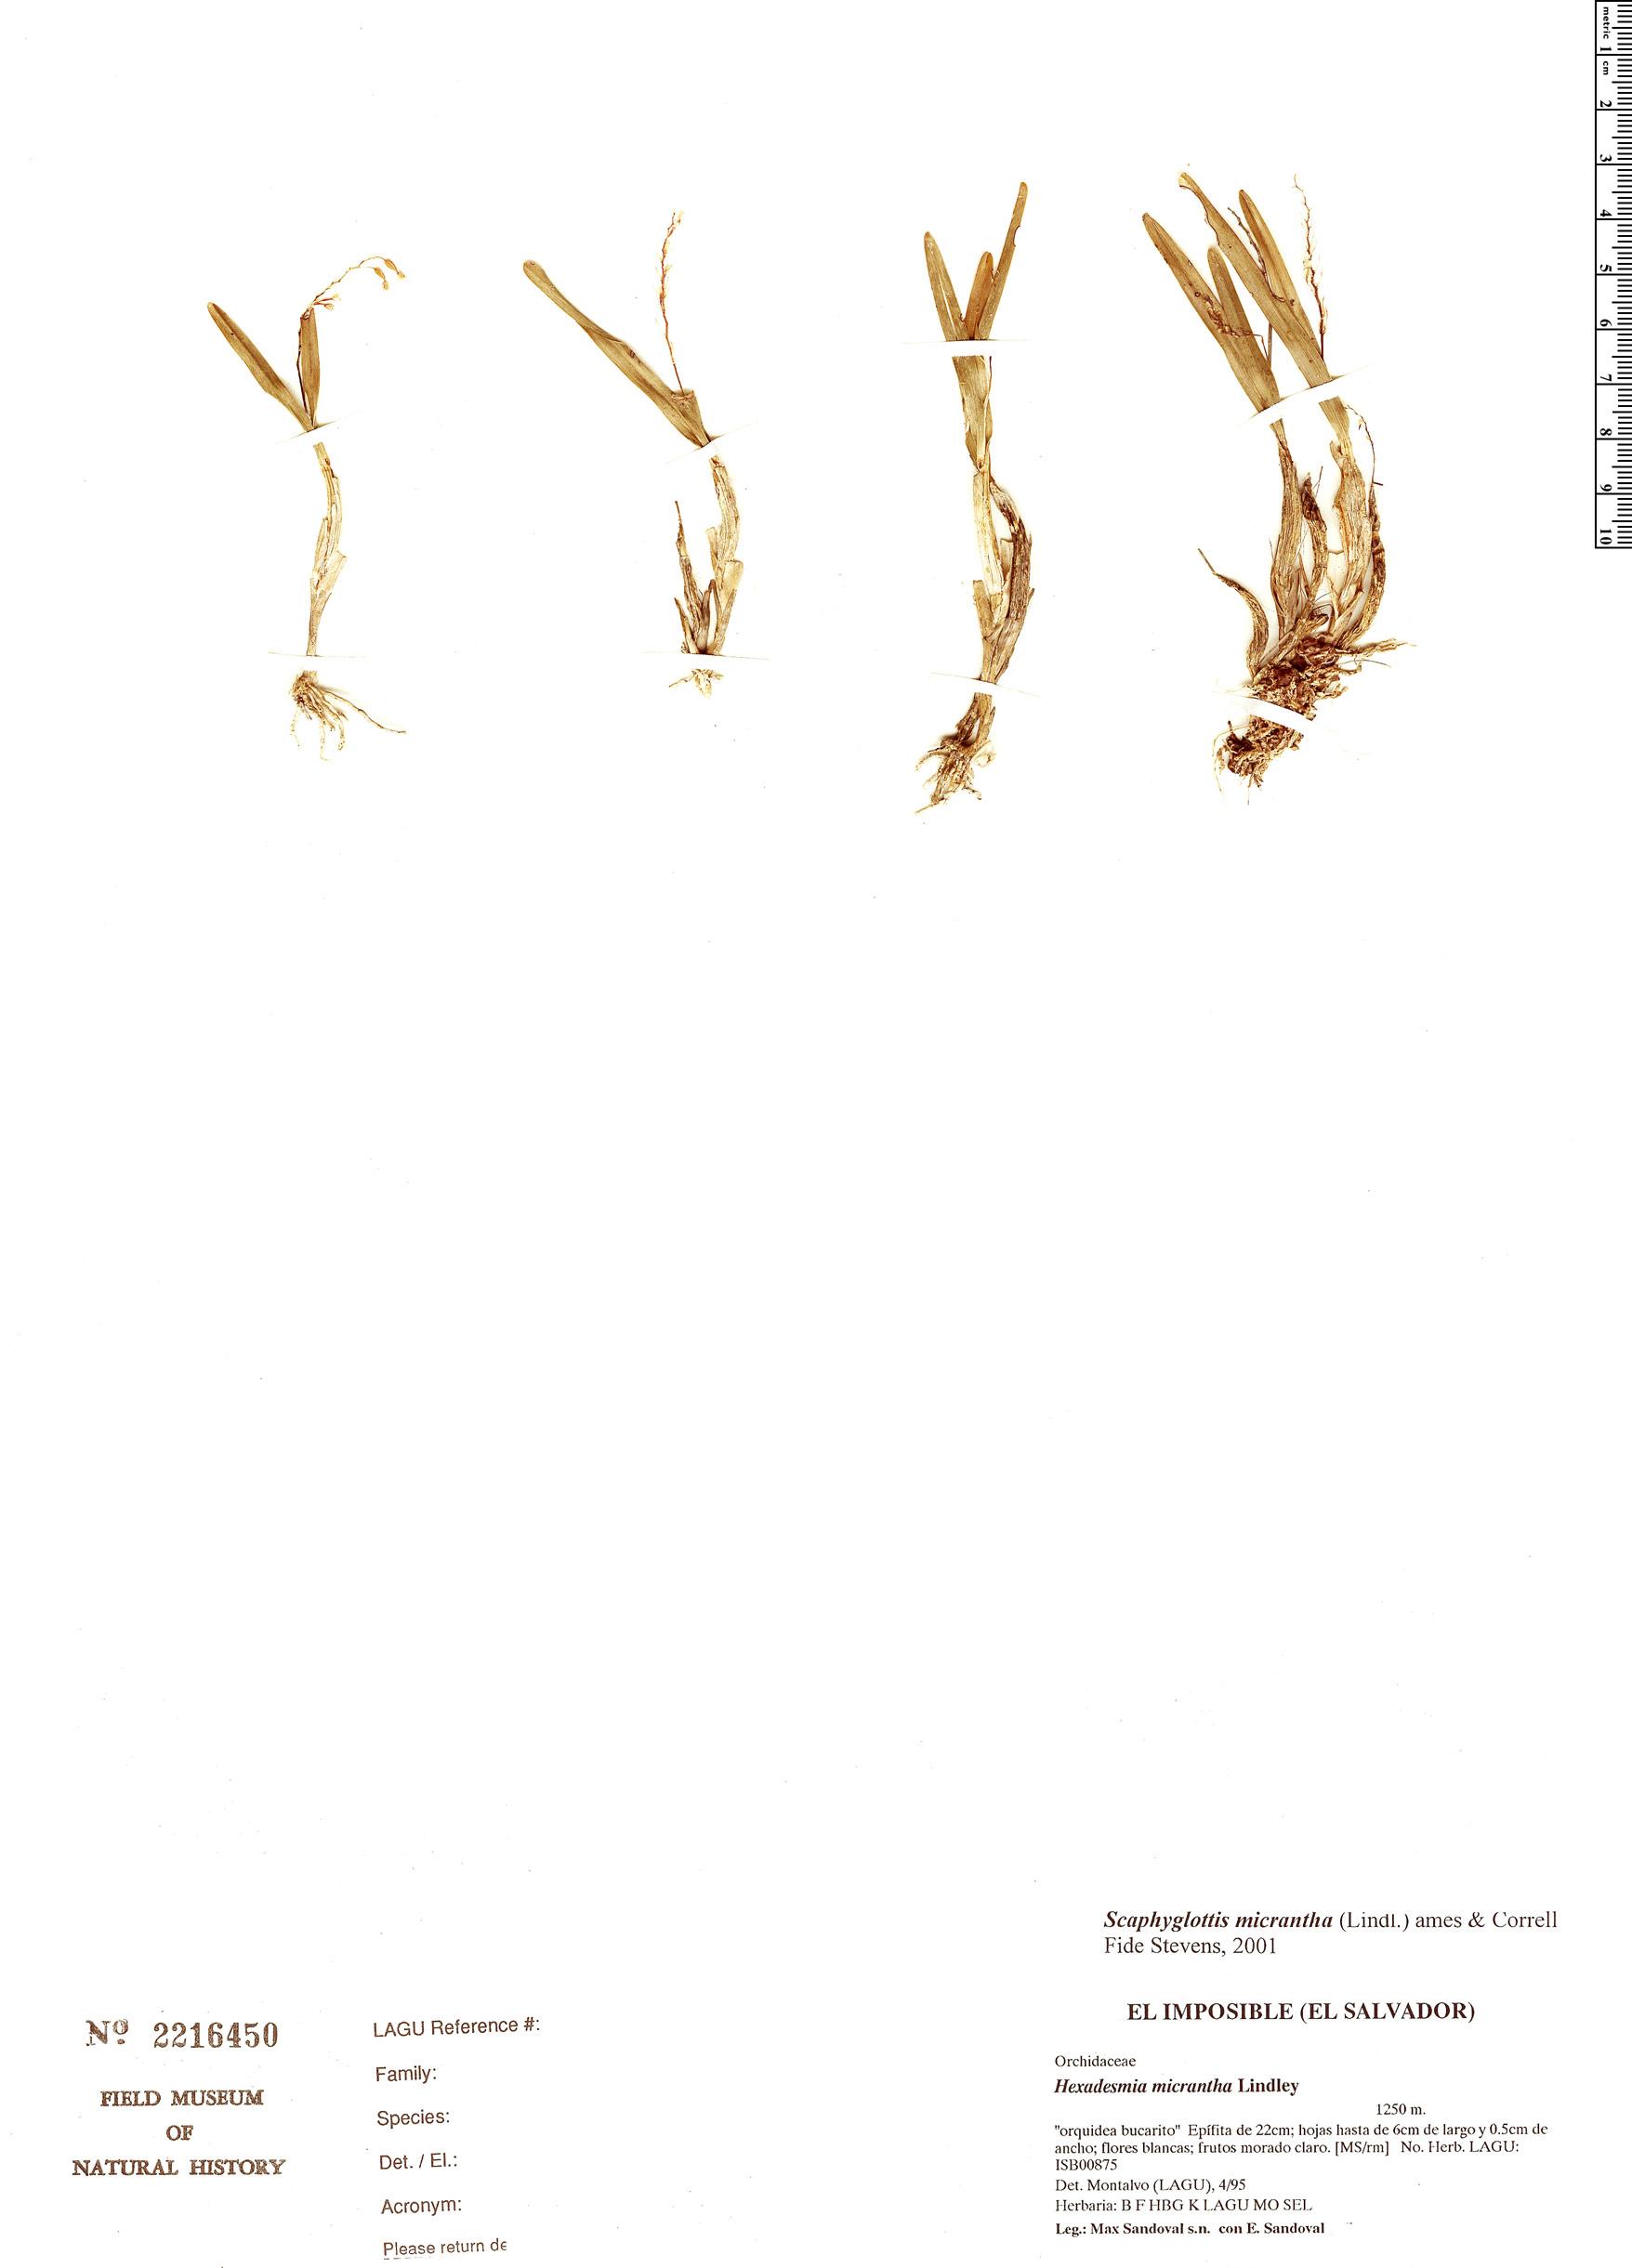 Specimen: Scaphyglottis micrantha